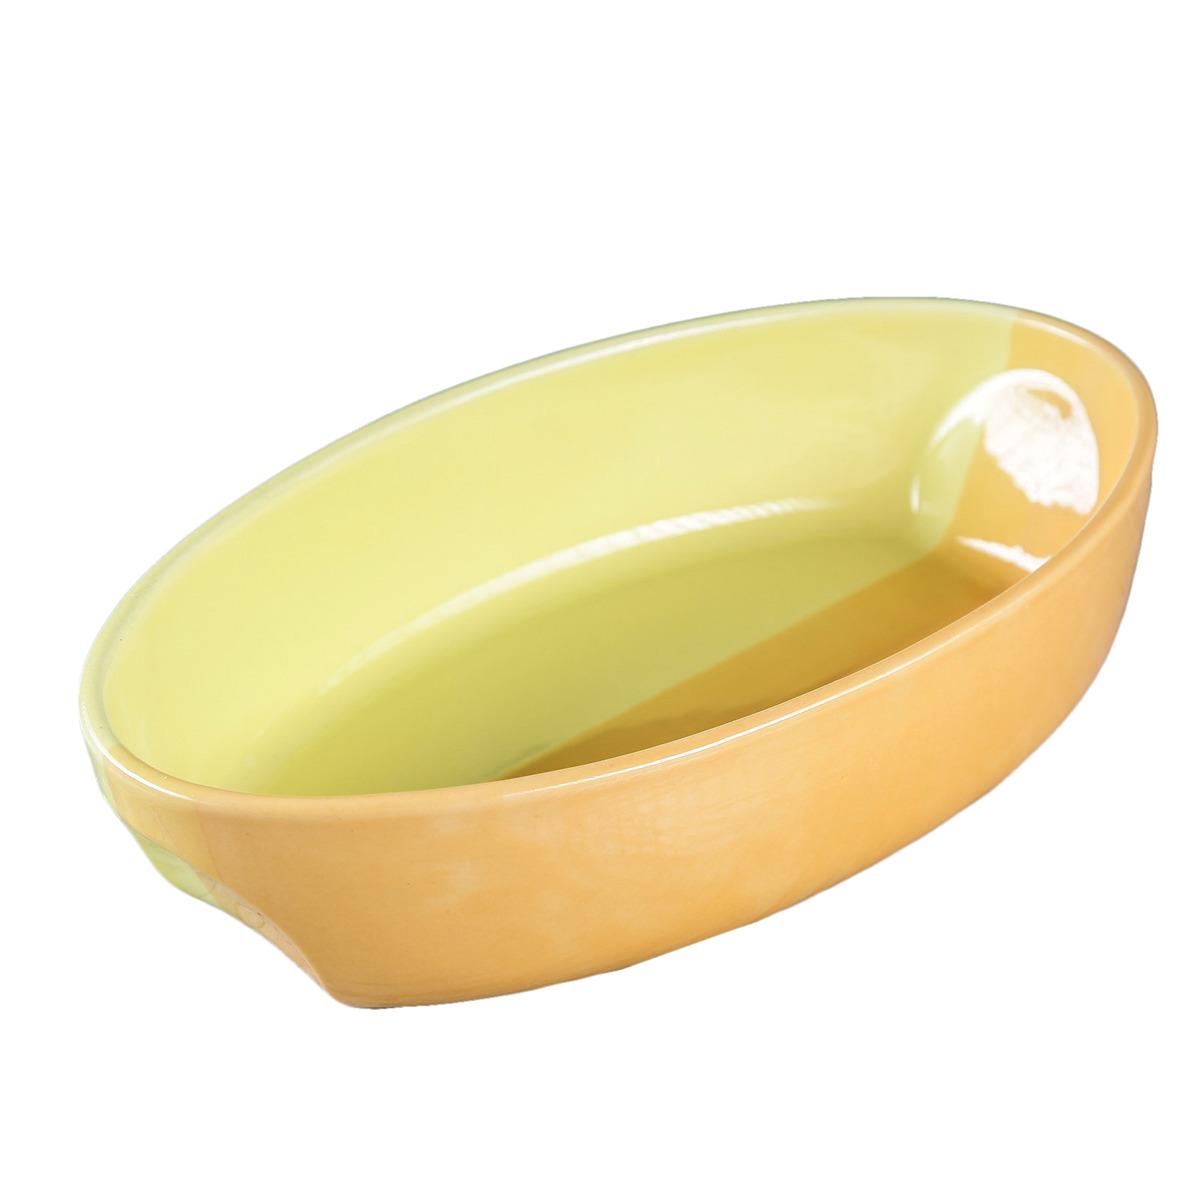 Блюдо для запекания Керамика ручной работы Лимонаж , 3463800, 1,5 л блюдо для запекания аперитив прямоугольные 3 шт керамика